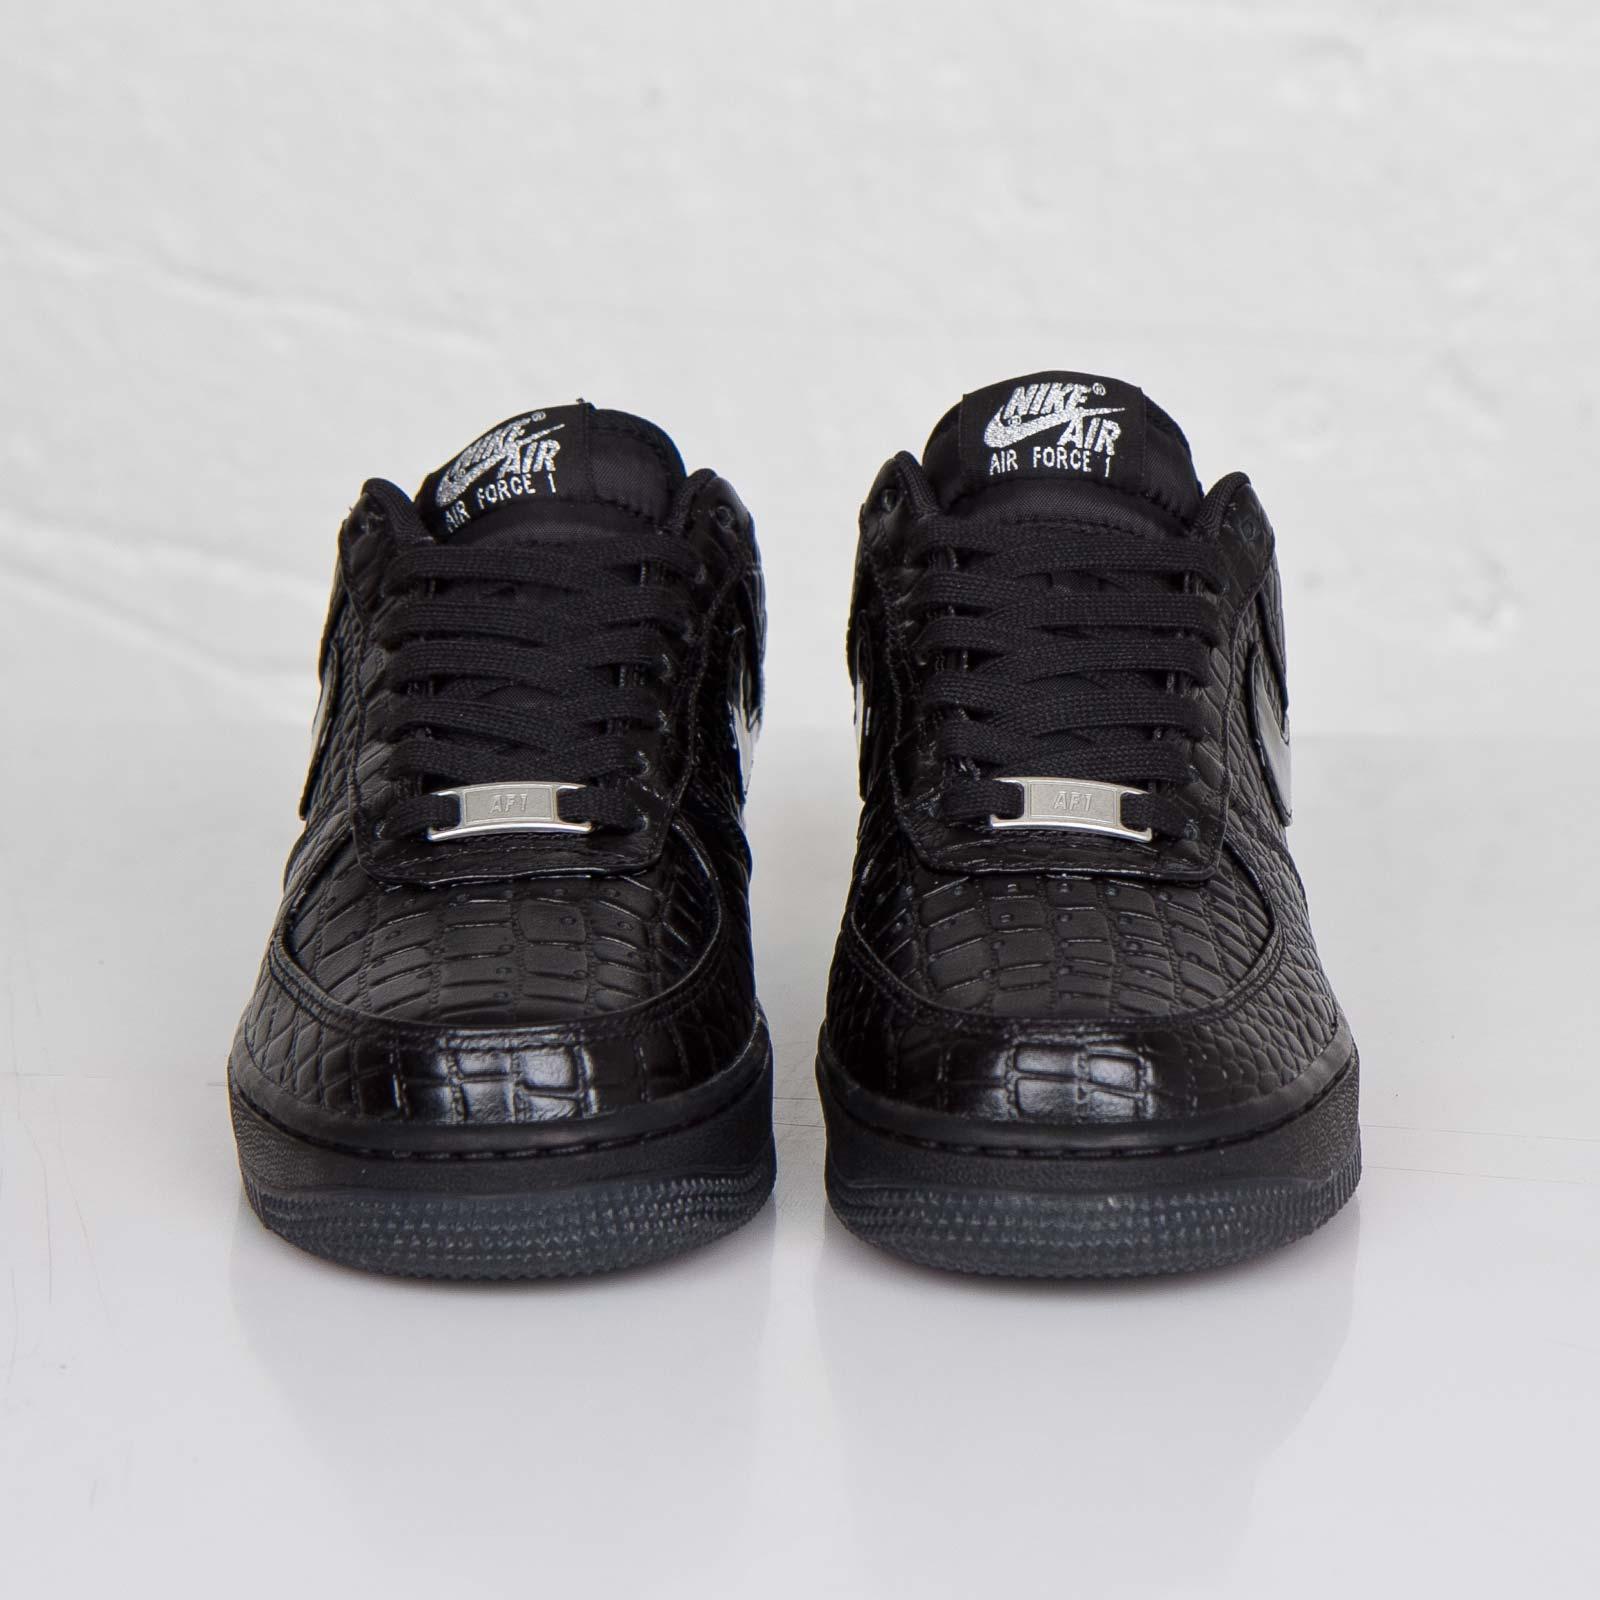 buy popular 1dca5 aaee0 Nike Wmns Air Force 1 07 Premium - 616725-002 - Sneakersnstuff   sneakers    streetwear online since 1999